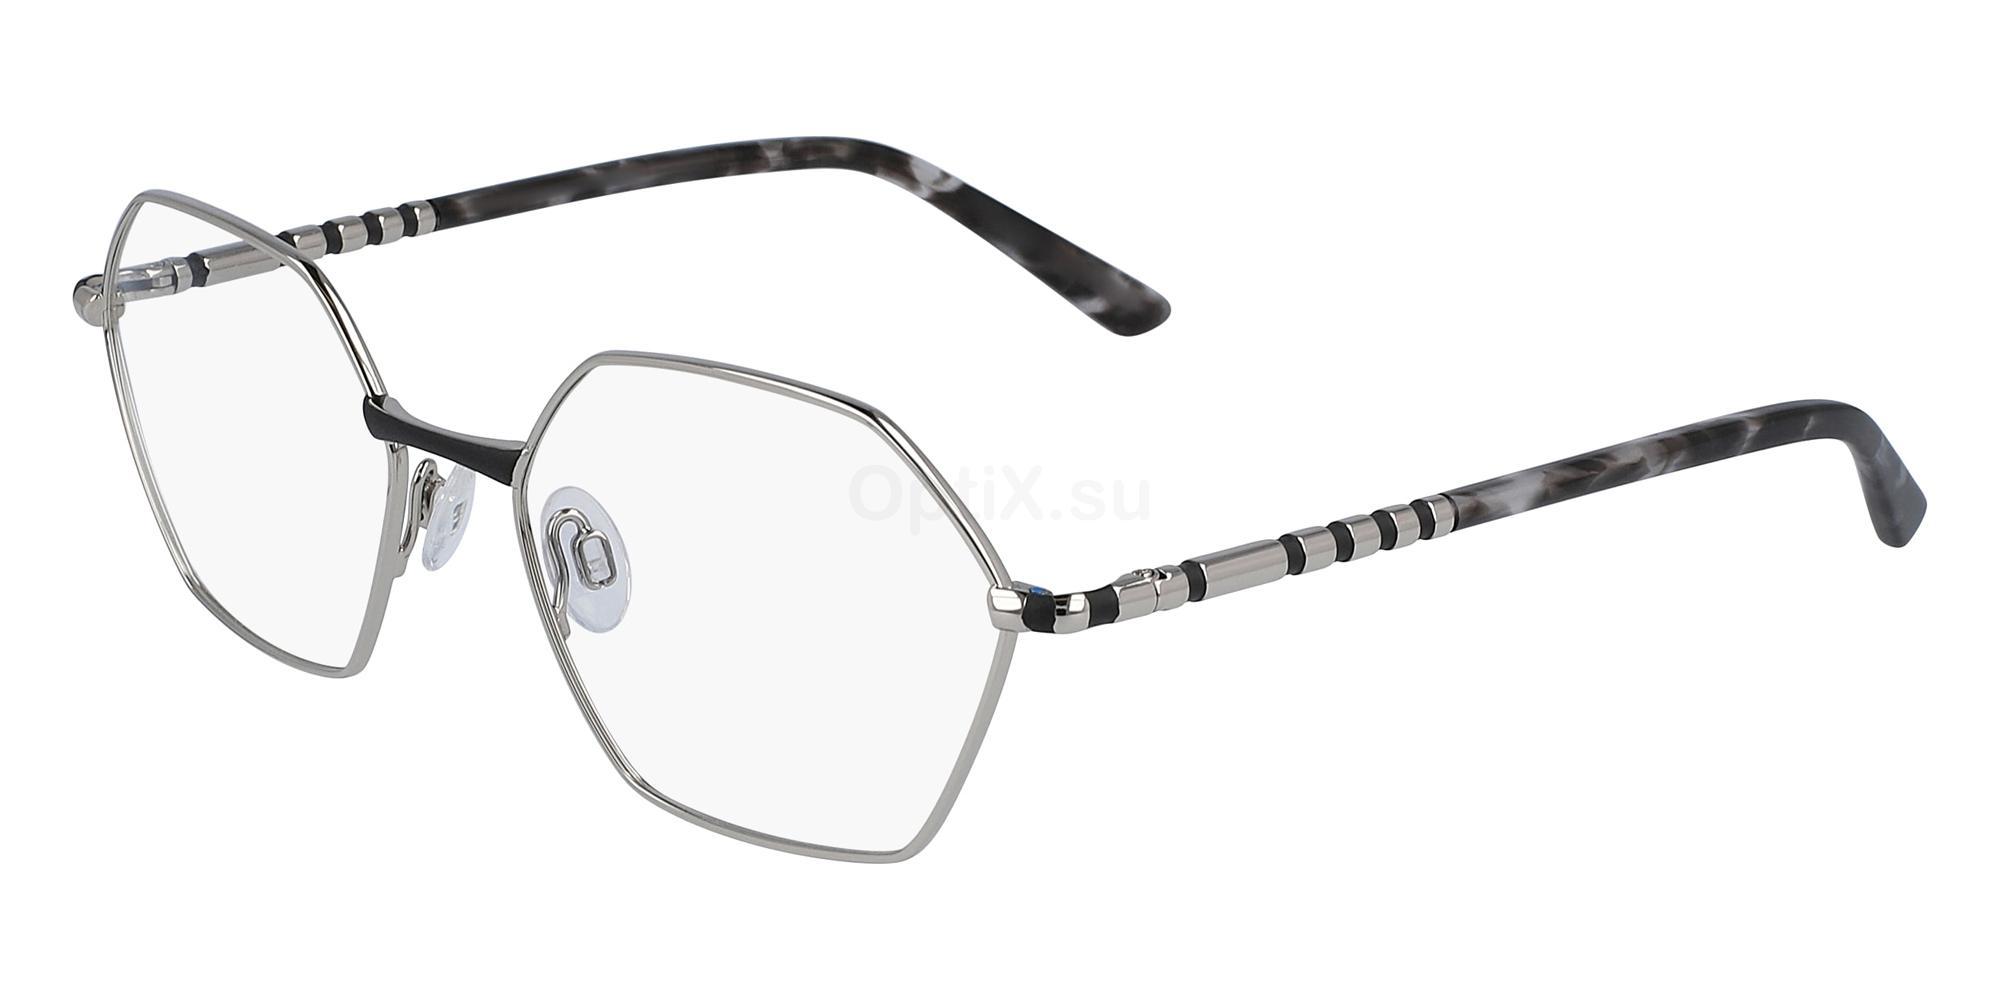 035 SK2806 MATS Glasses, Skaga